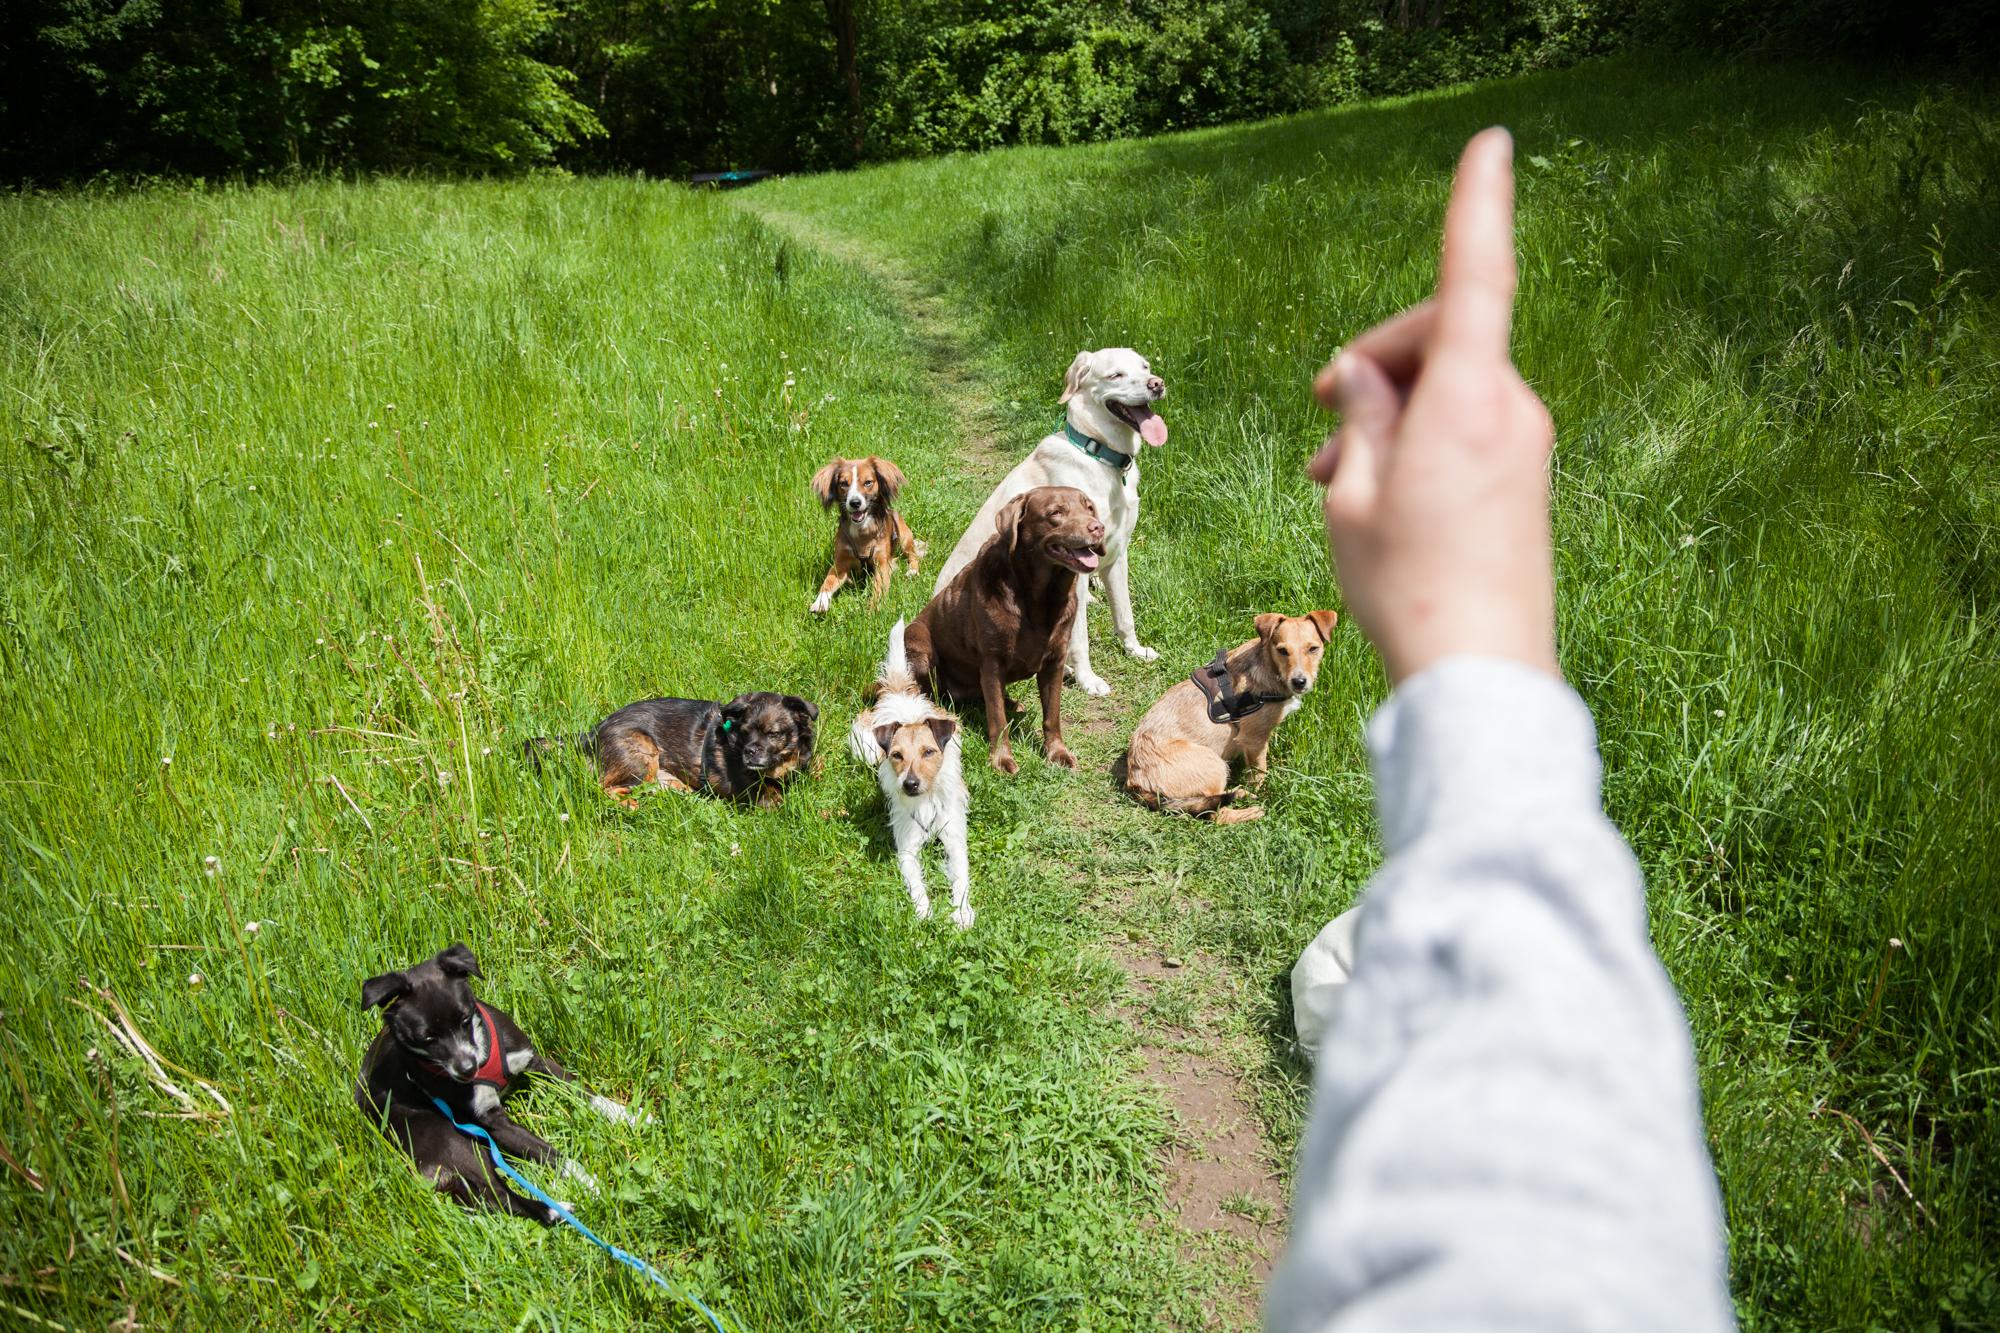 Einige Hunde sitzen auf einer Wiese, eine Hand gibt den Hunden ein Signal